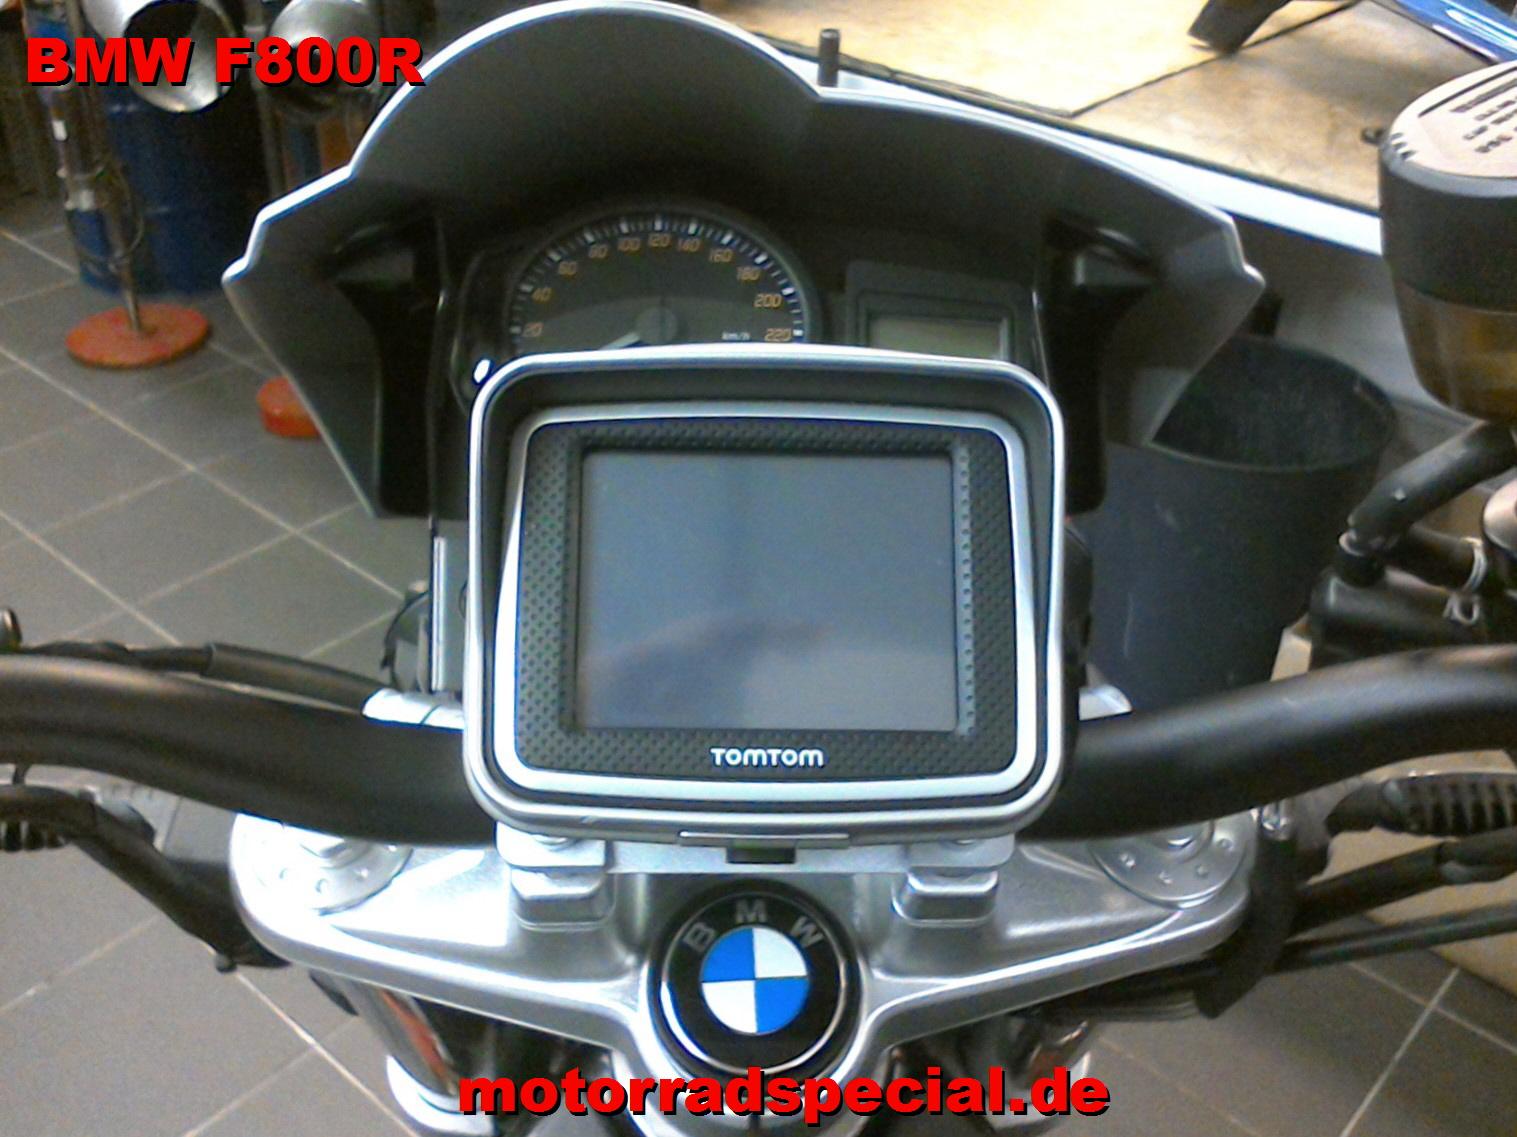 BMW_F800R_Navigationshalter_Rider2_Navihalter_Navihalterung